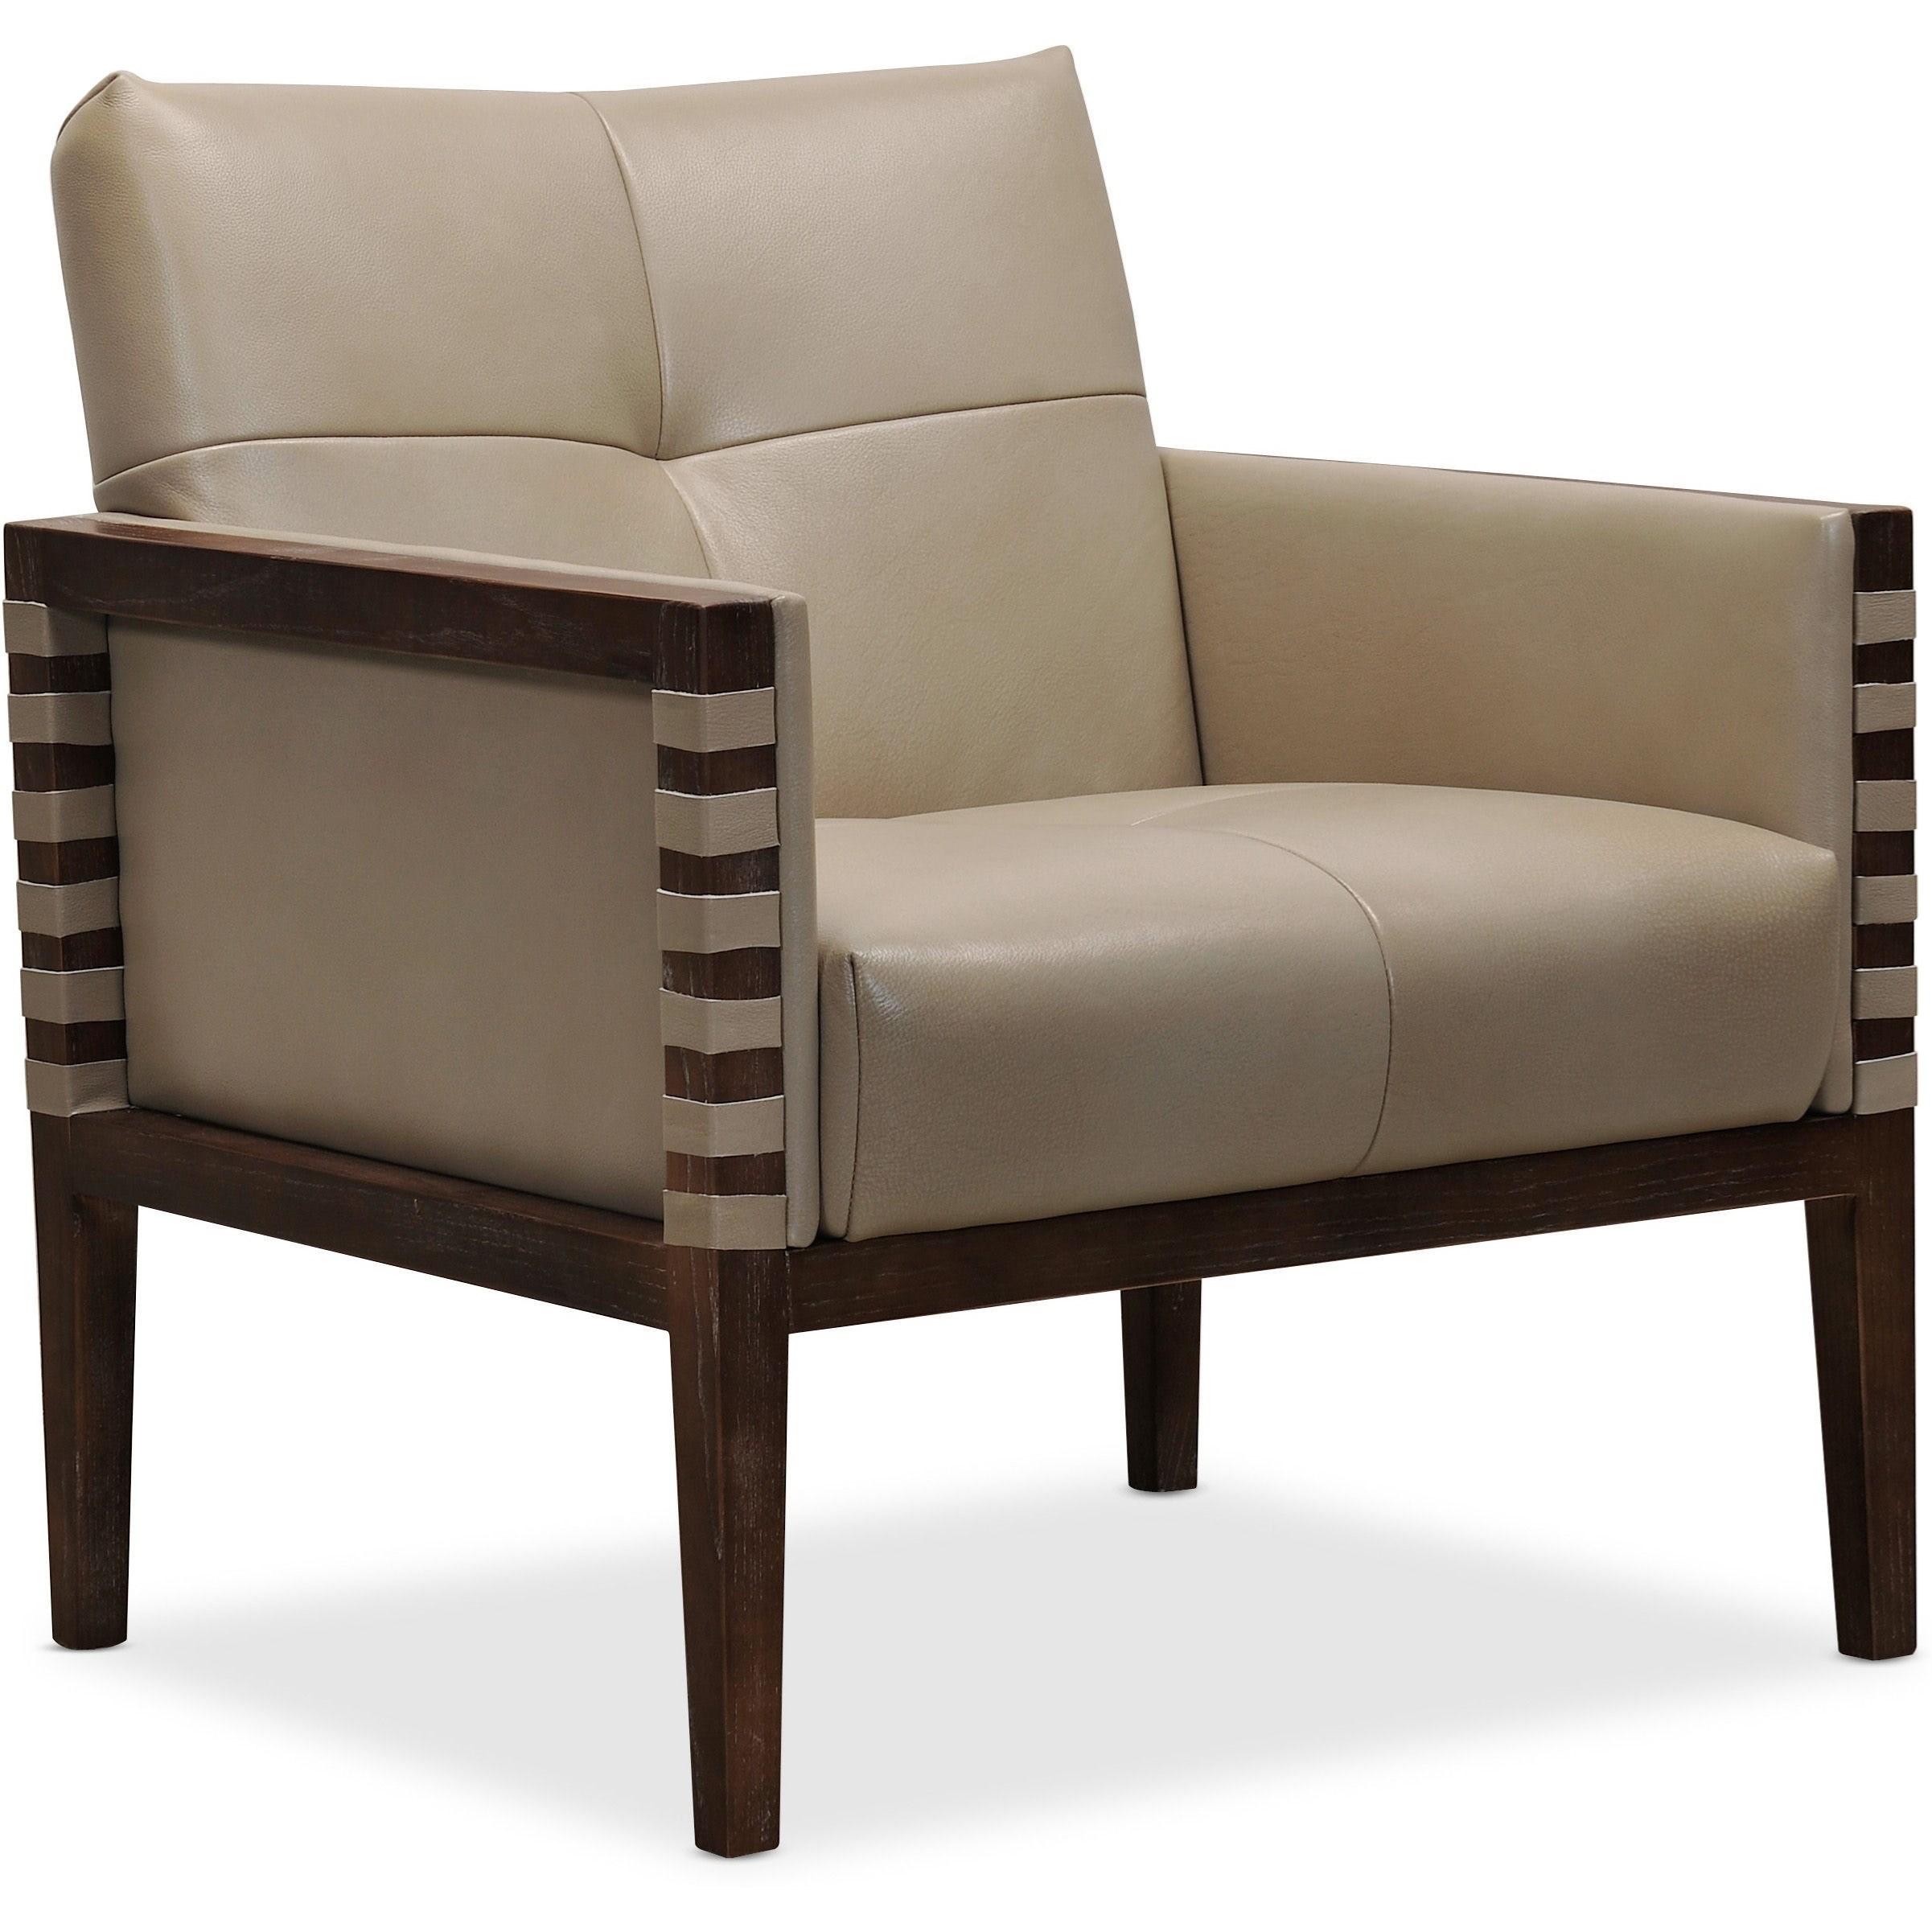 Leather Club Chair w/ Wood Frame